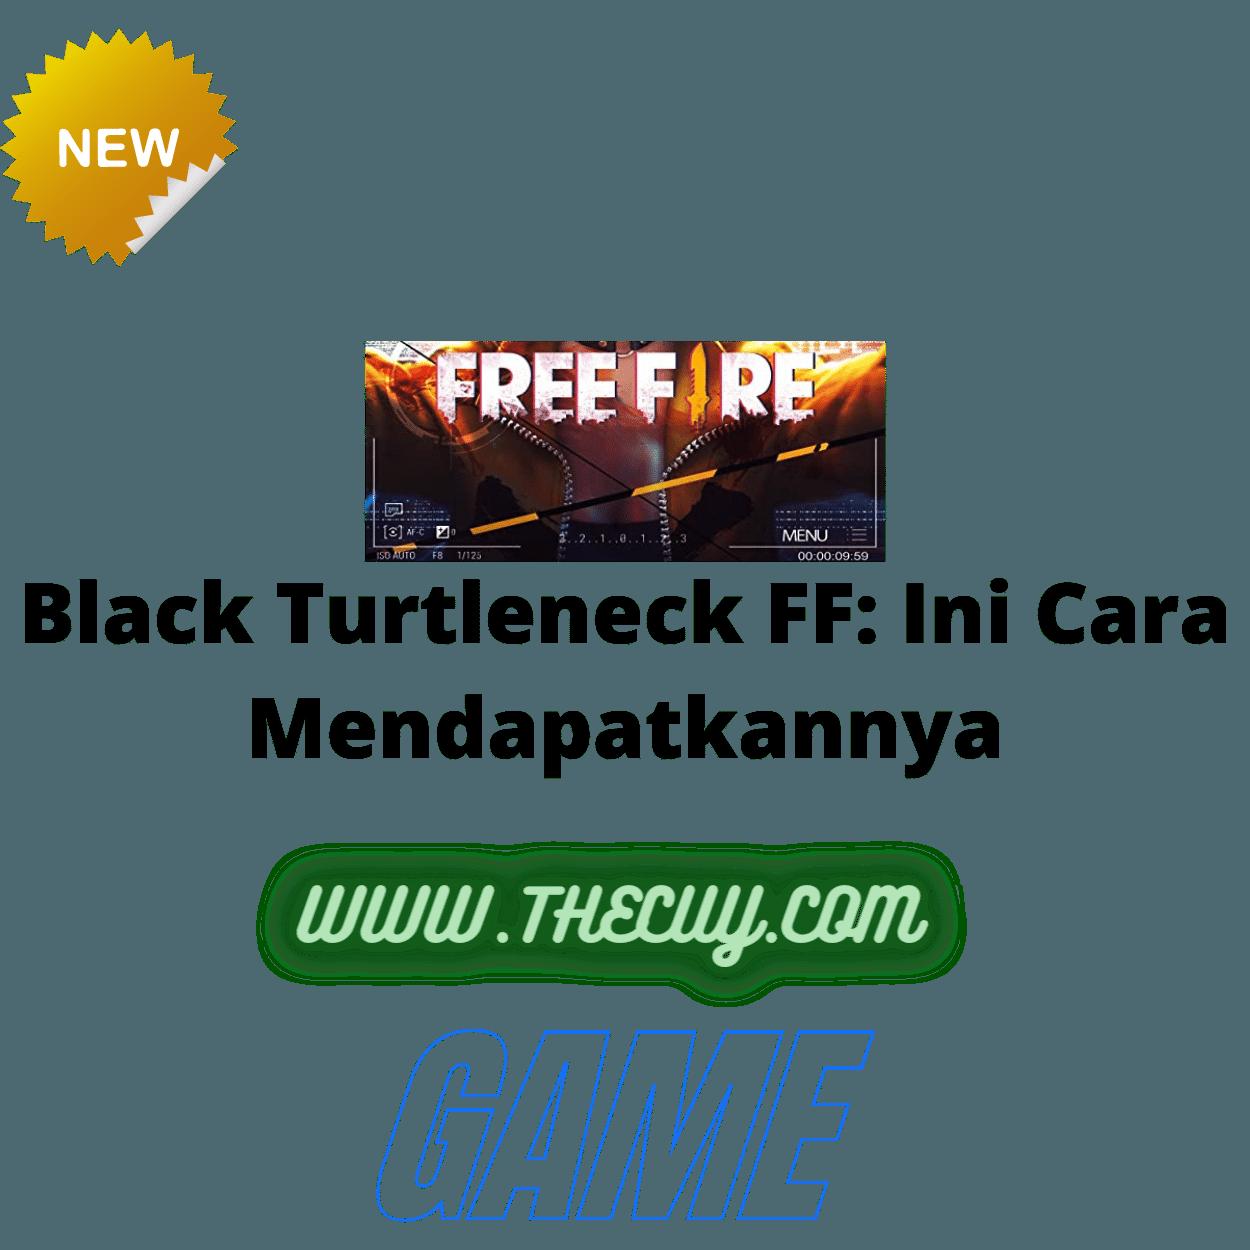 Black Turtleneck FF: Ini Cara Mendapatkannya